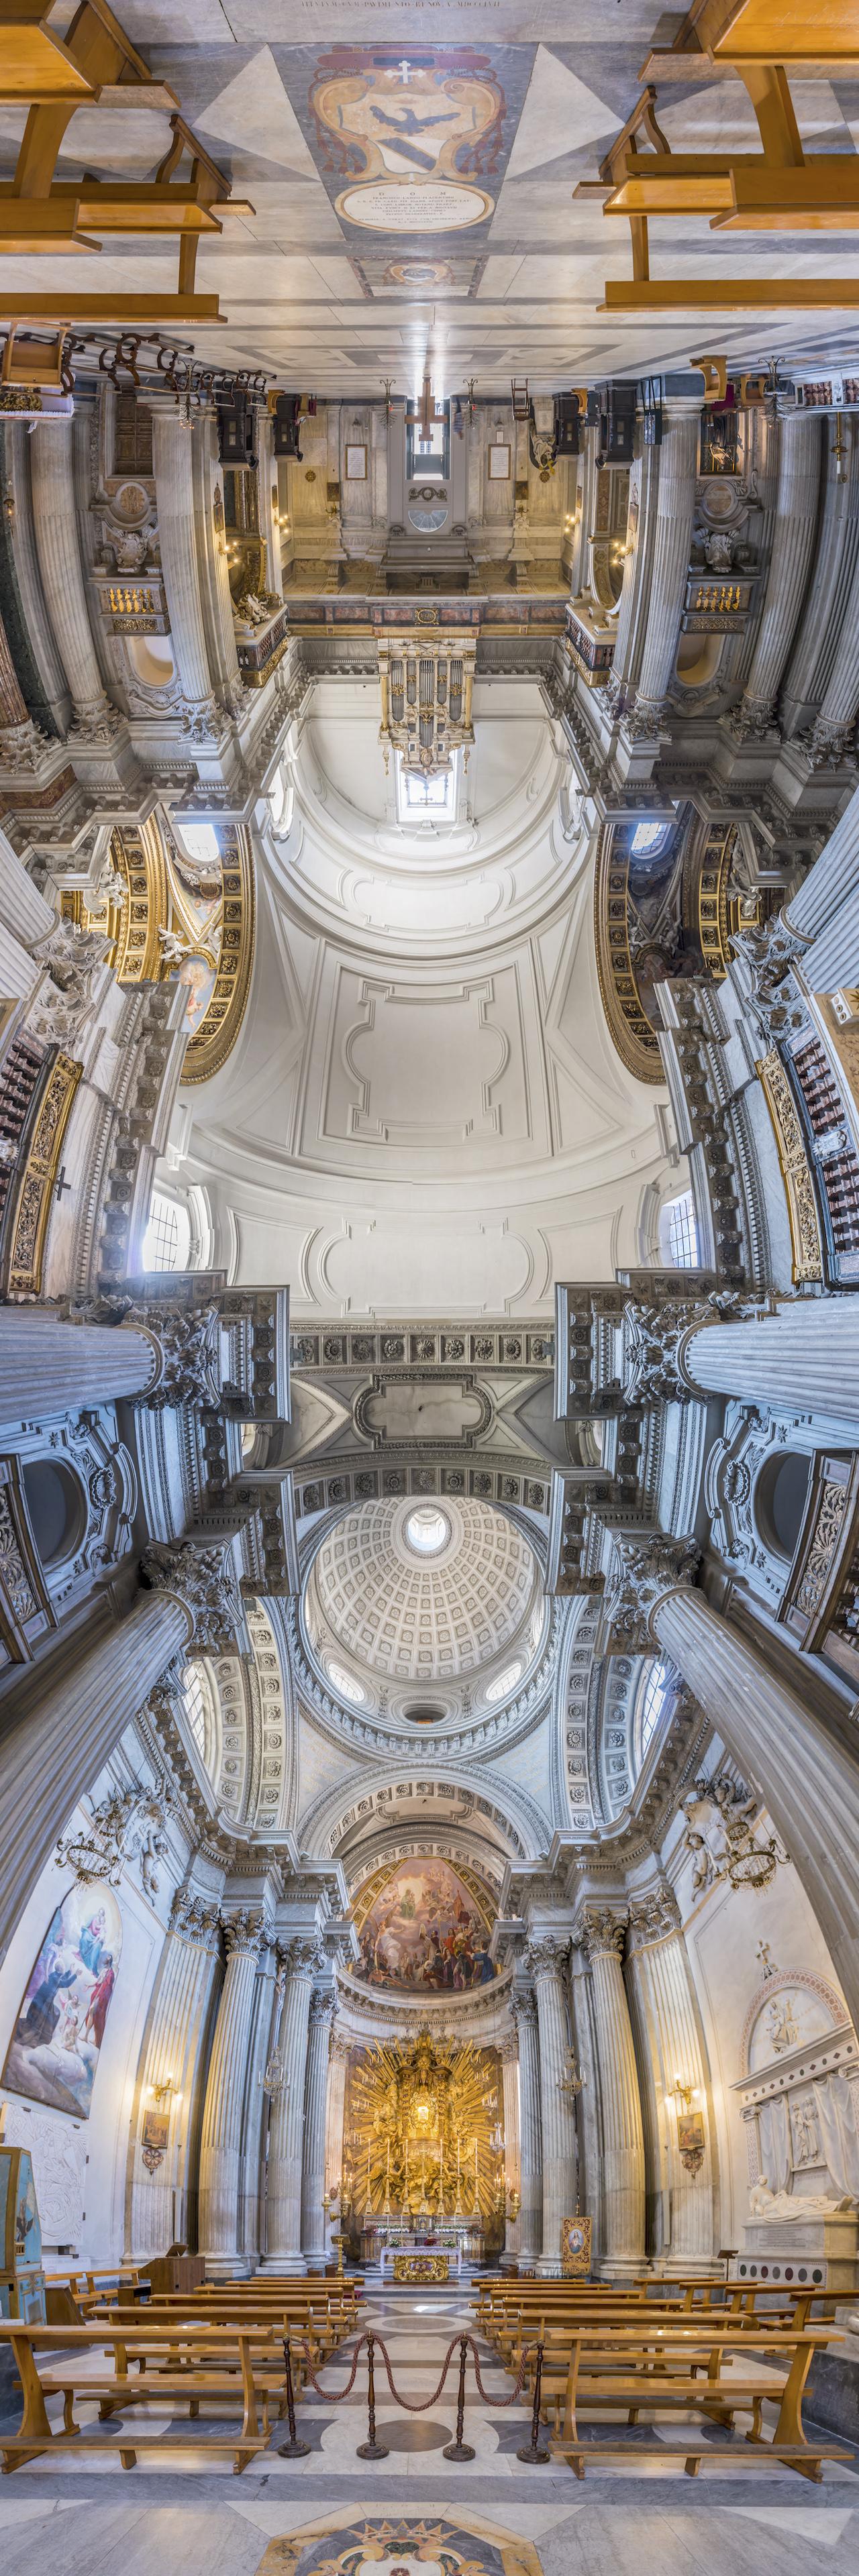 Parrocchia S Maria In Portico Campitelli Rome